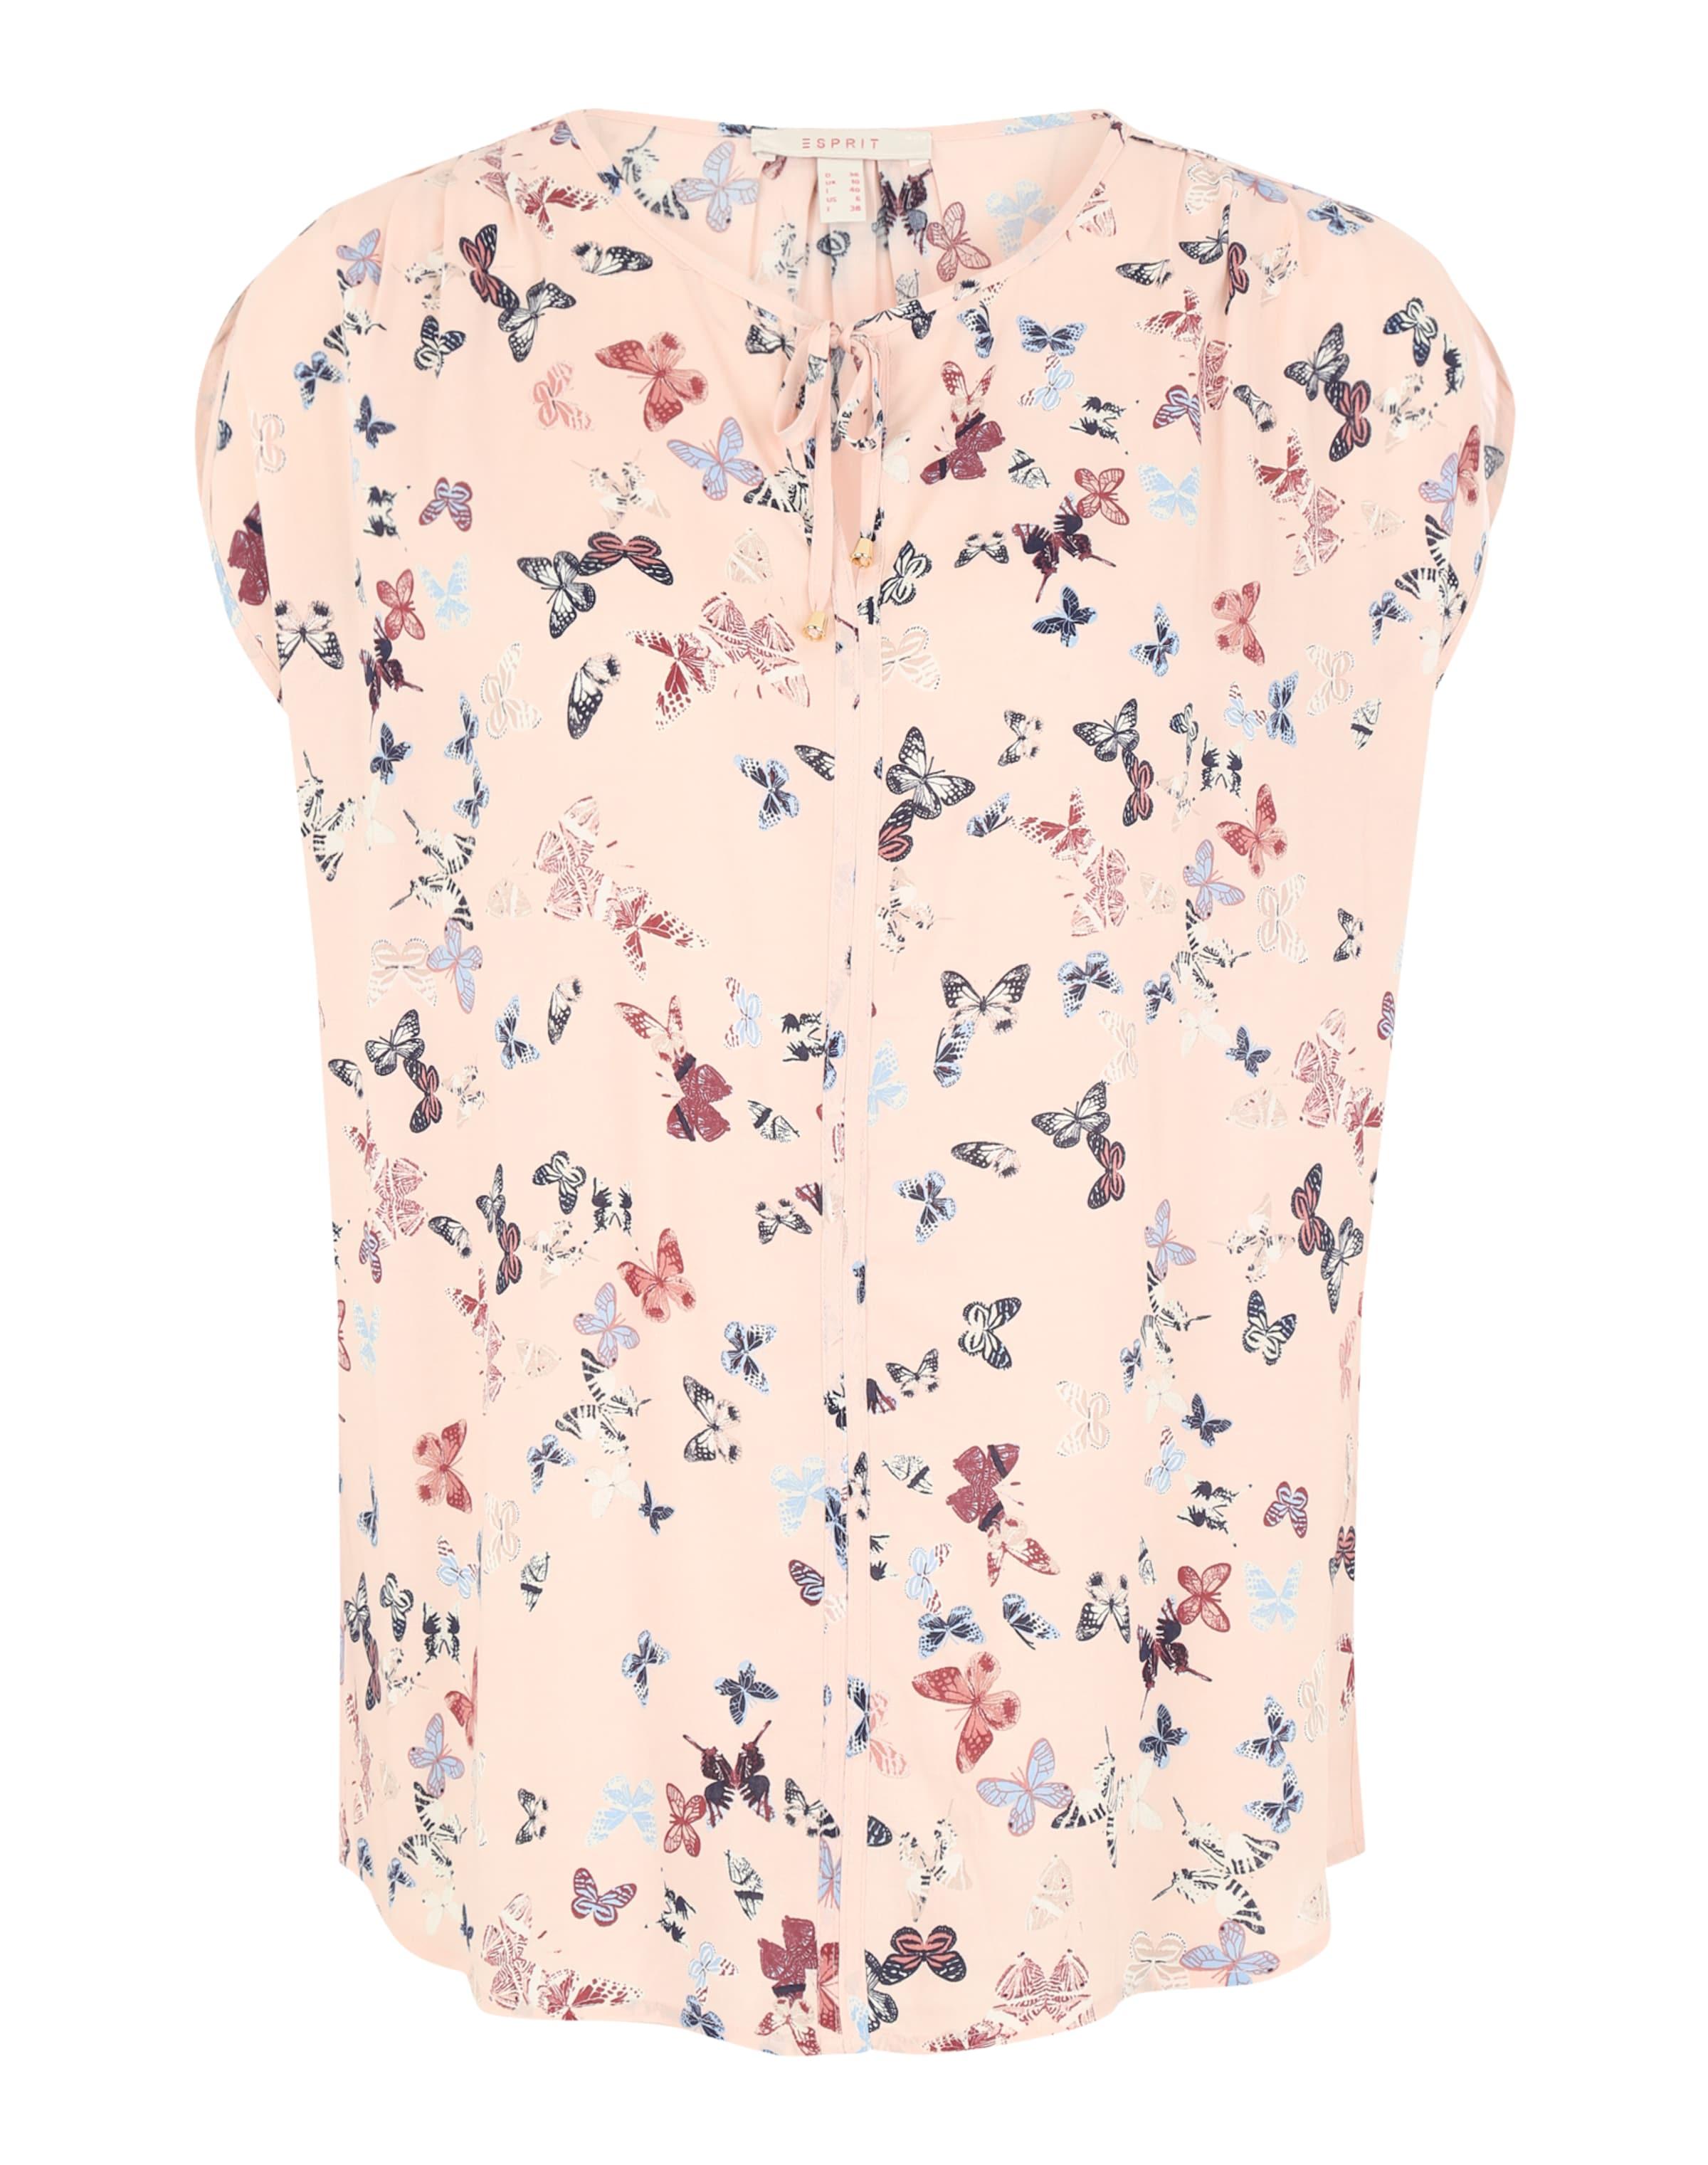 Rabatt Suche Webseite Günstiger Preis ESPRIT Bluse mit Schmetterlings-Design Billig Genießen Billig Gutes Verkauf Am Billigsten 3h6dbfSfiJ